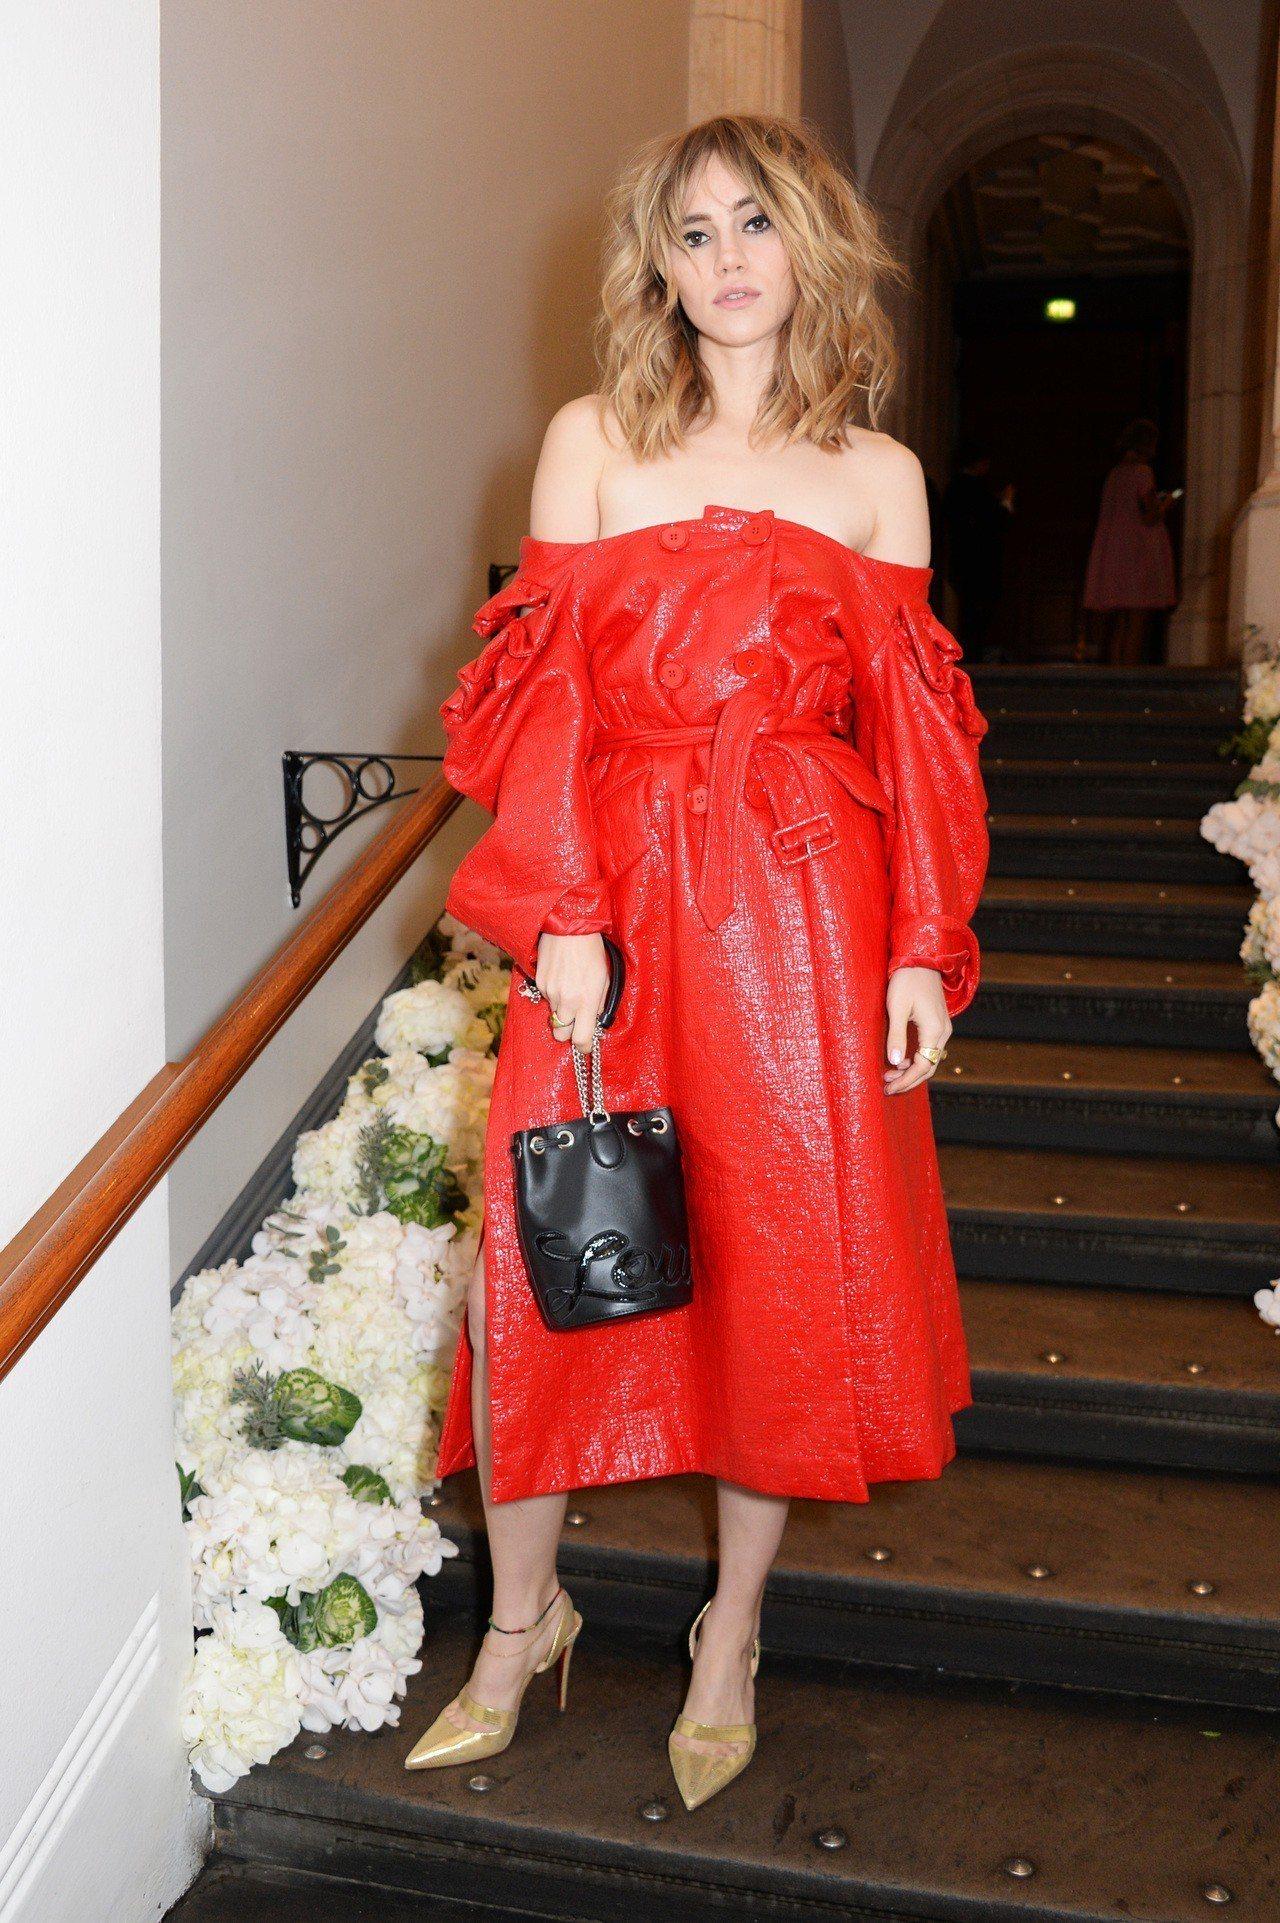 蘇琪沃特豪斯以黑色Marie Jane Bucket配襯紅裙。圖/Christi...